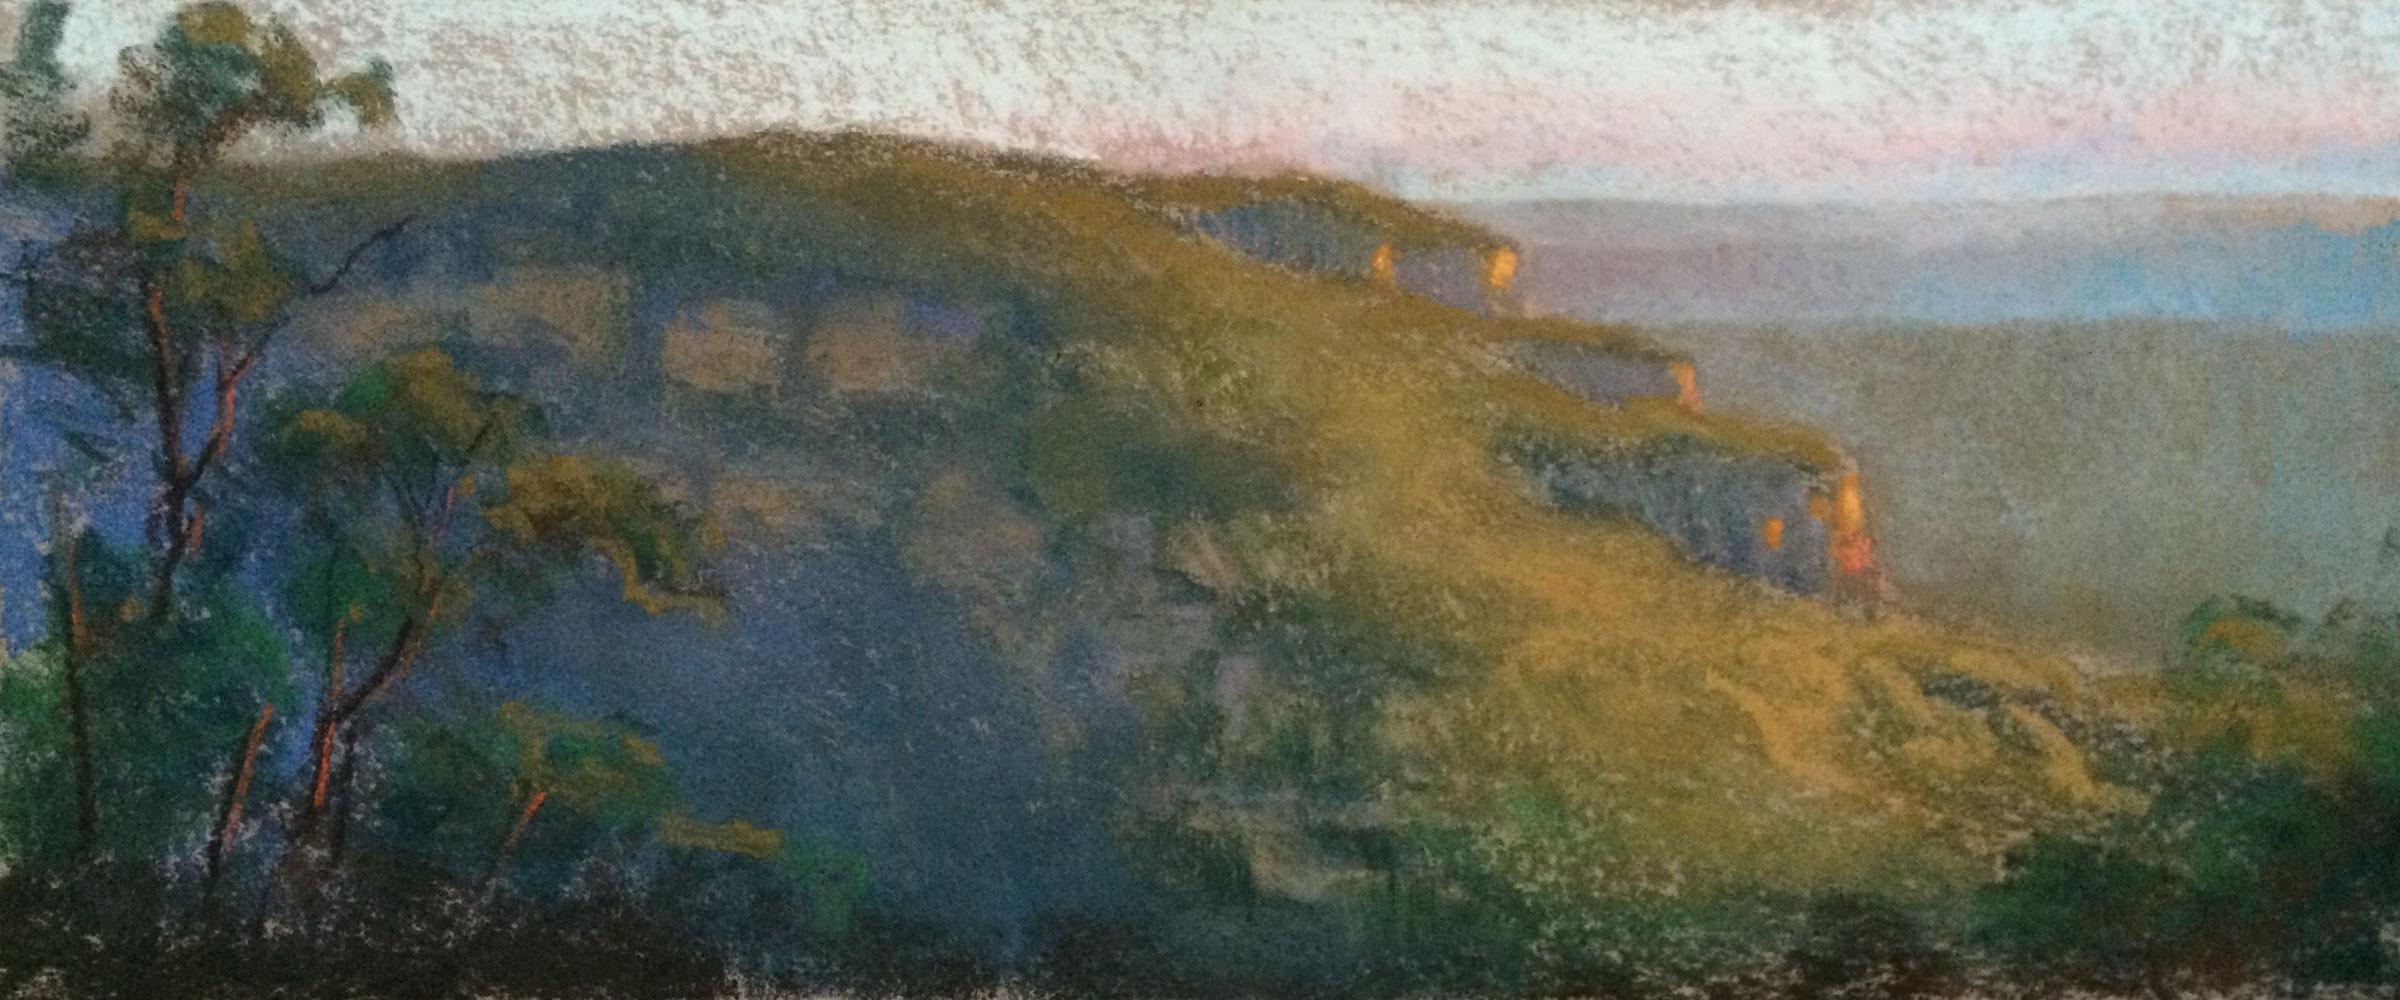 Course Artwork – Pastel Landscape, Tam Cao